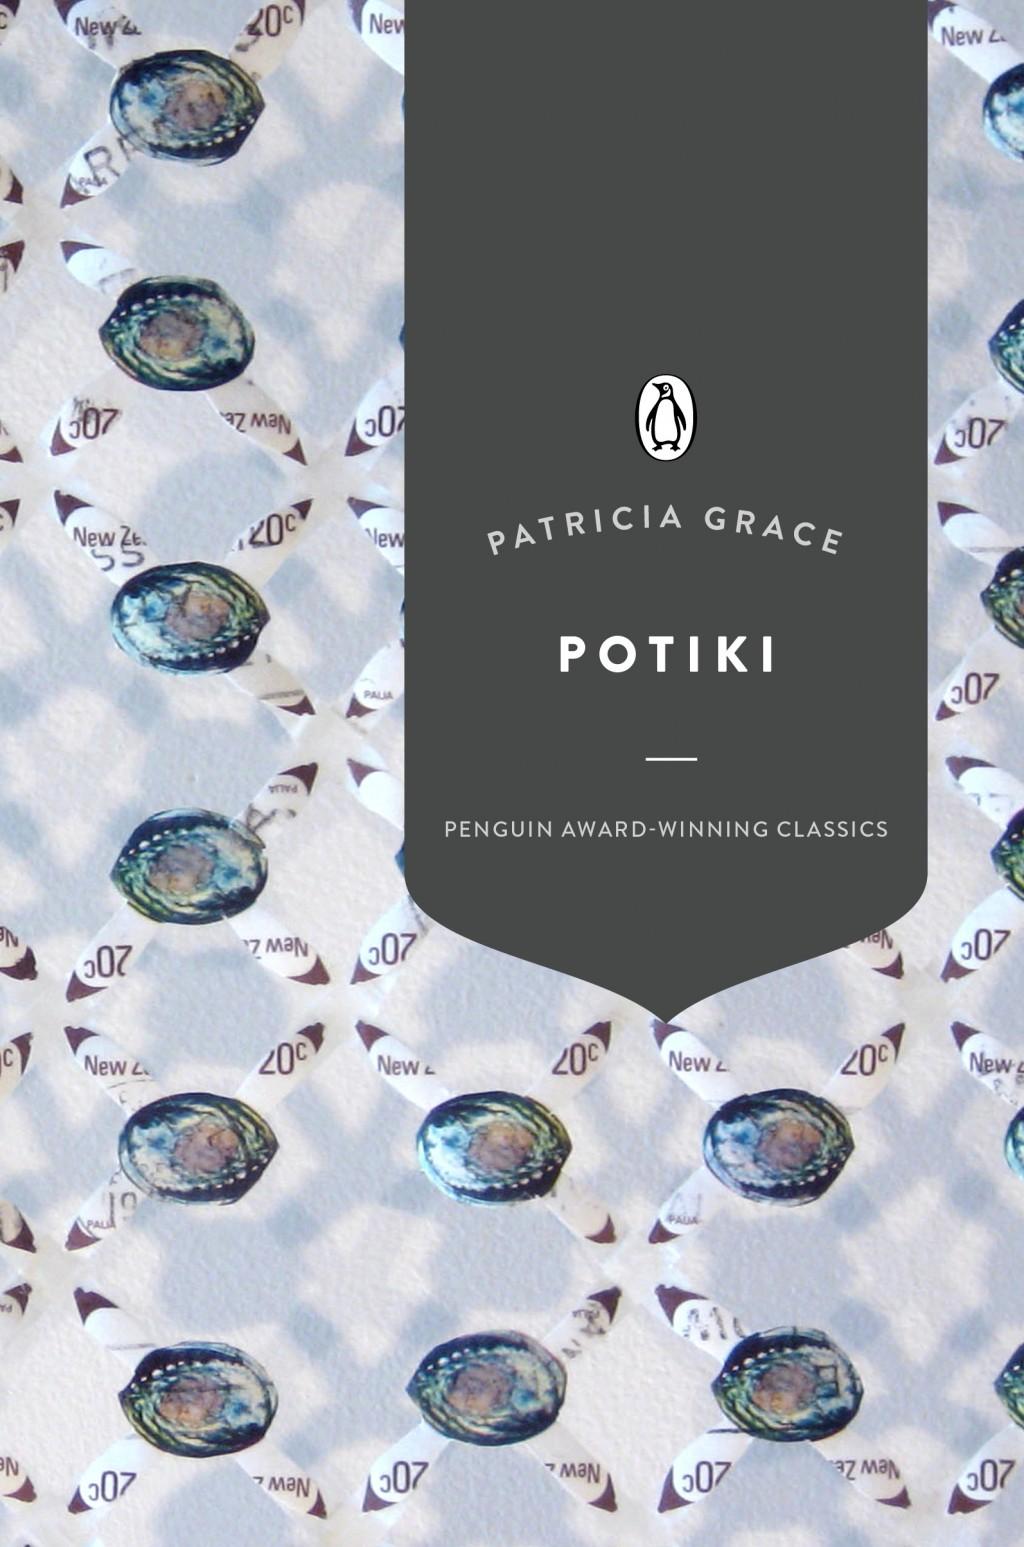 017 Potikipatriciagrace Free Online Essay Grader Sensational Scoring Paper For Students Sat Large